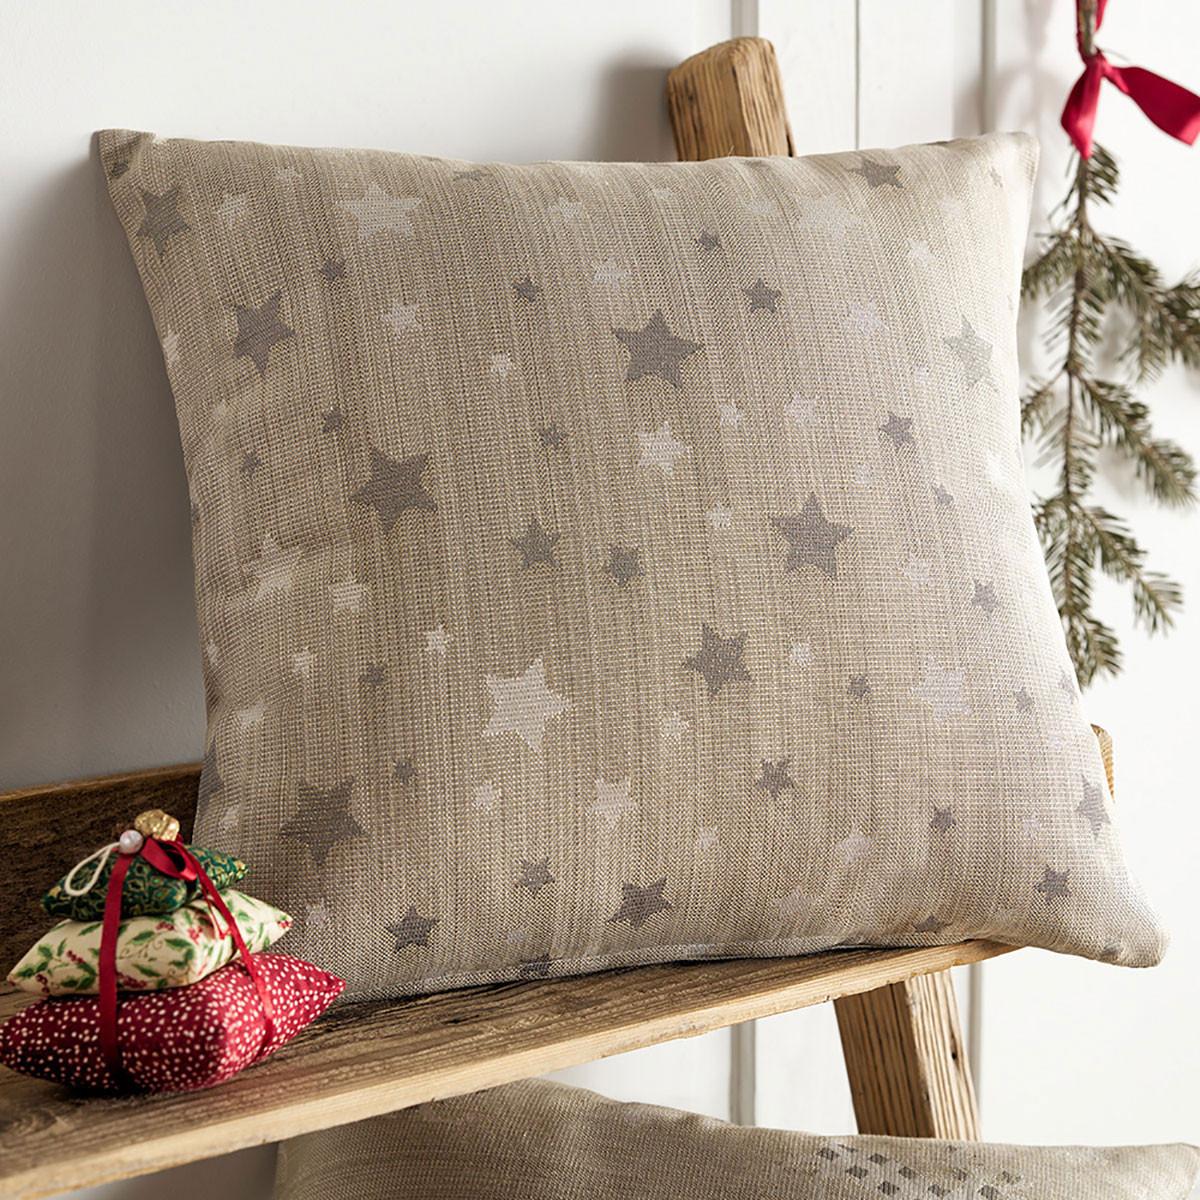 Χριστουγεννιάτικη Μαξιλαροθήκη Gofis Home 901/04